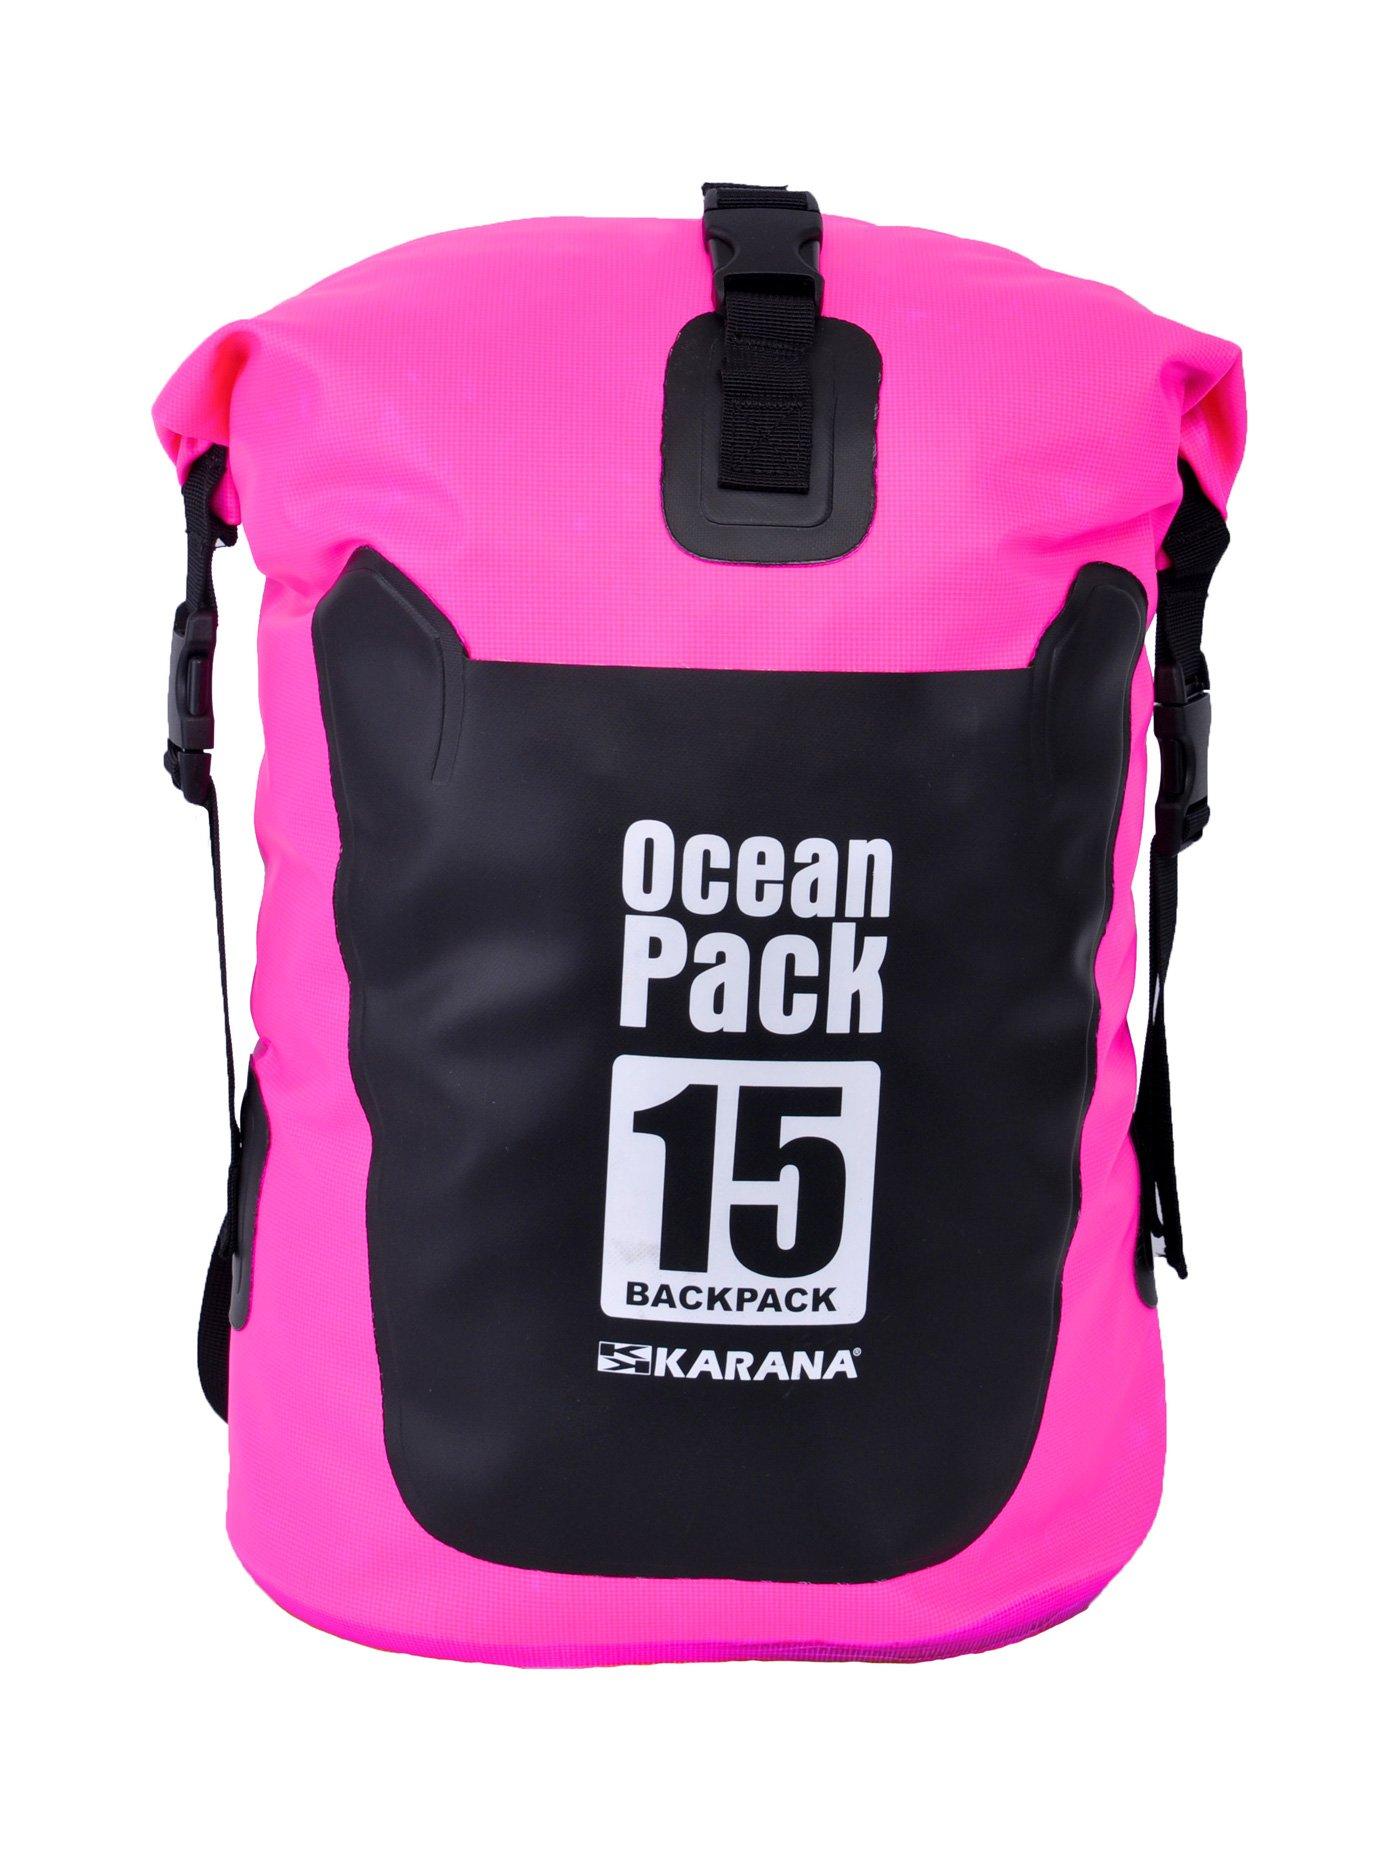 KARANA Ocean Pack Waterproof Dry Bag 15 Litres (116012315), Pink Color 1 pcs.